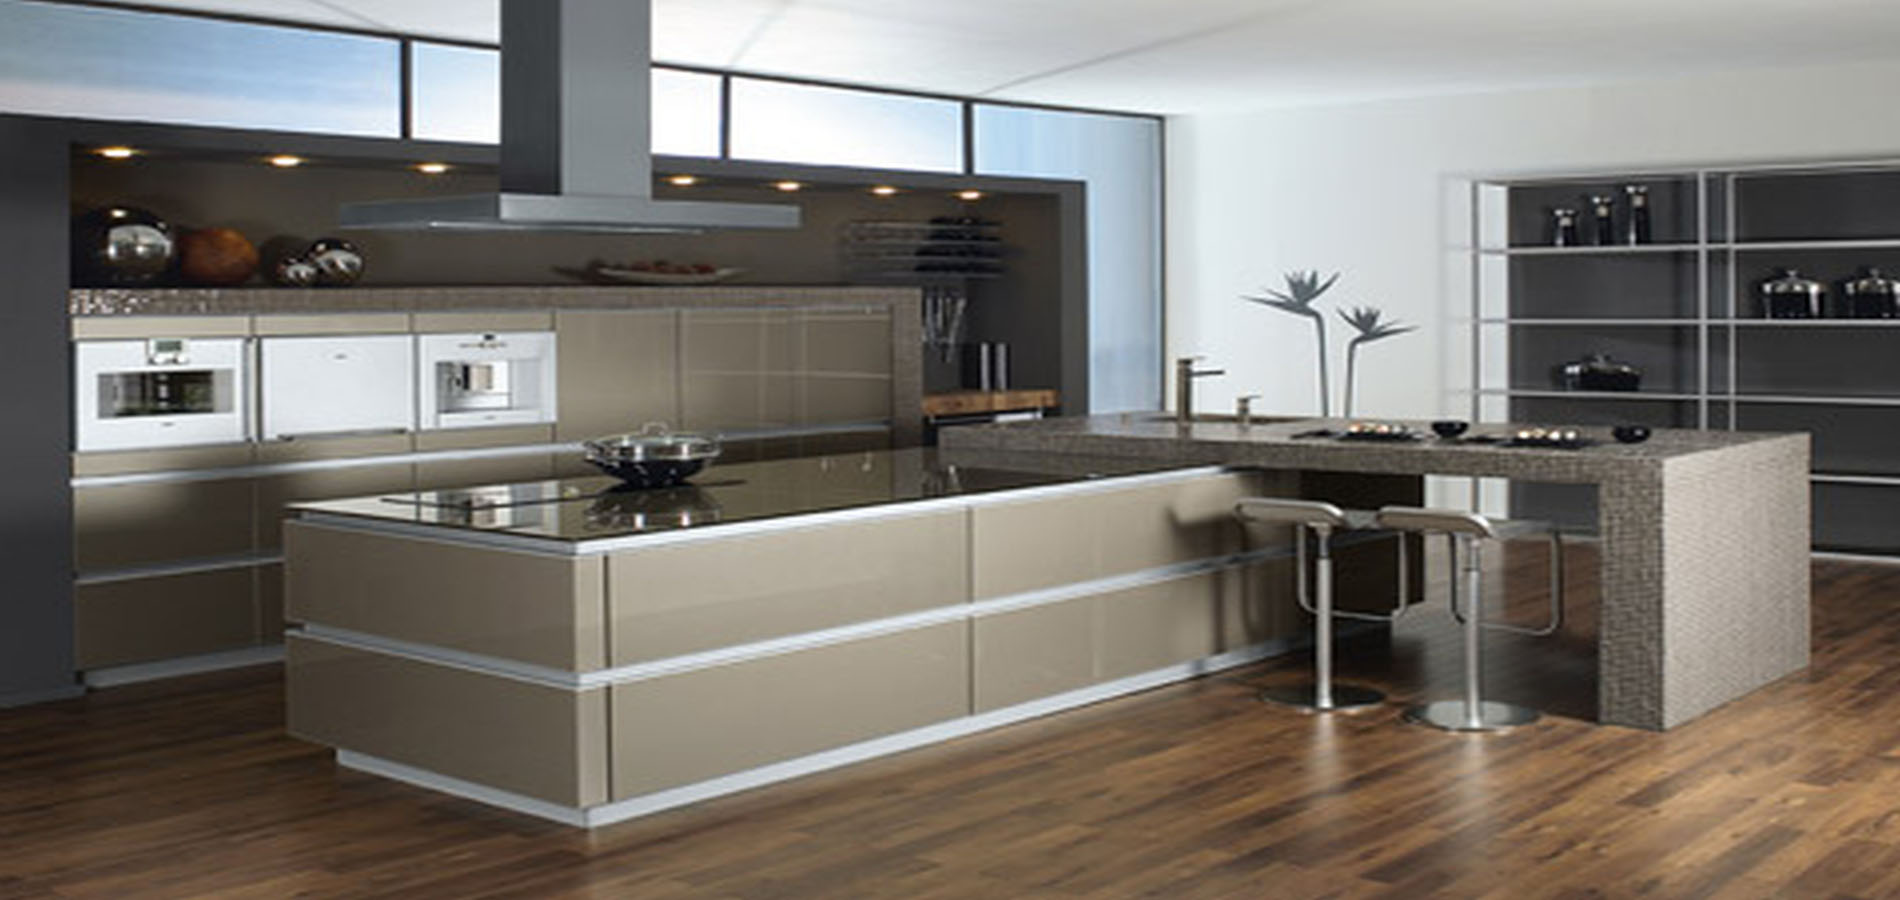 Worksheet Kitchen Design